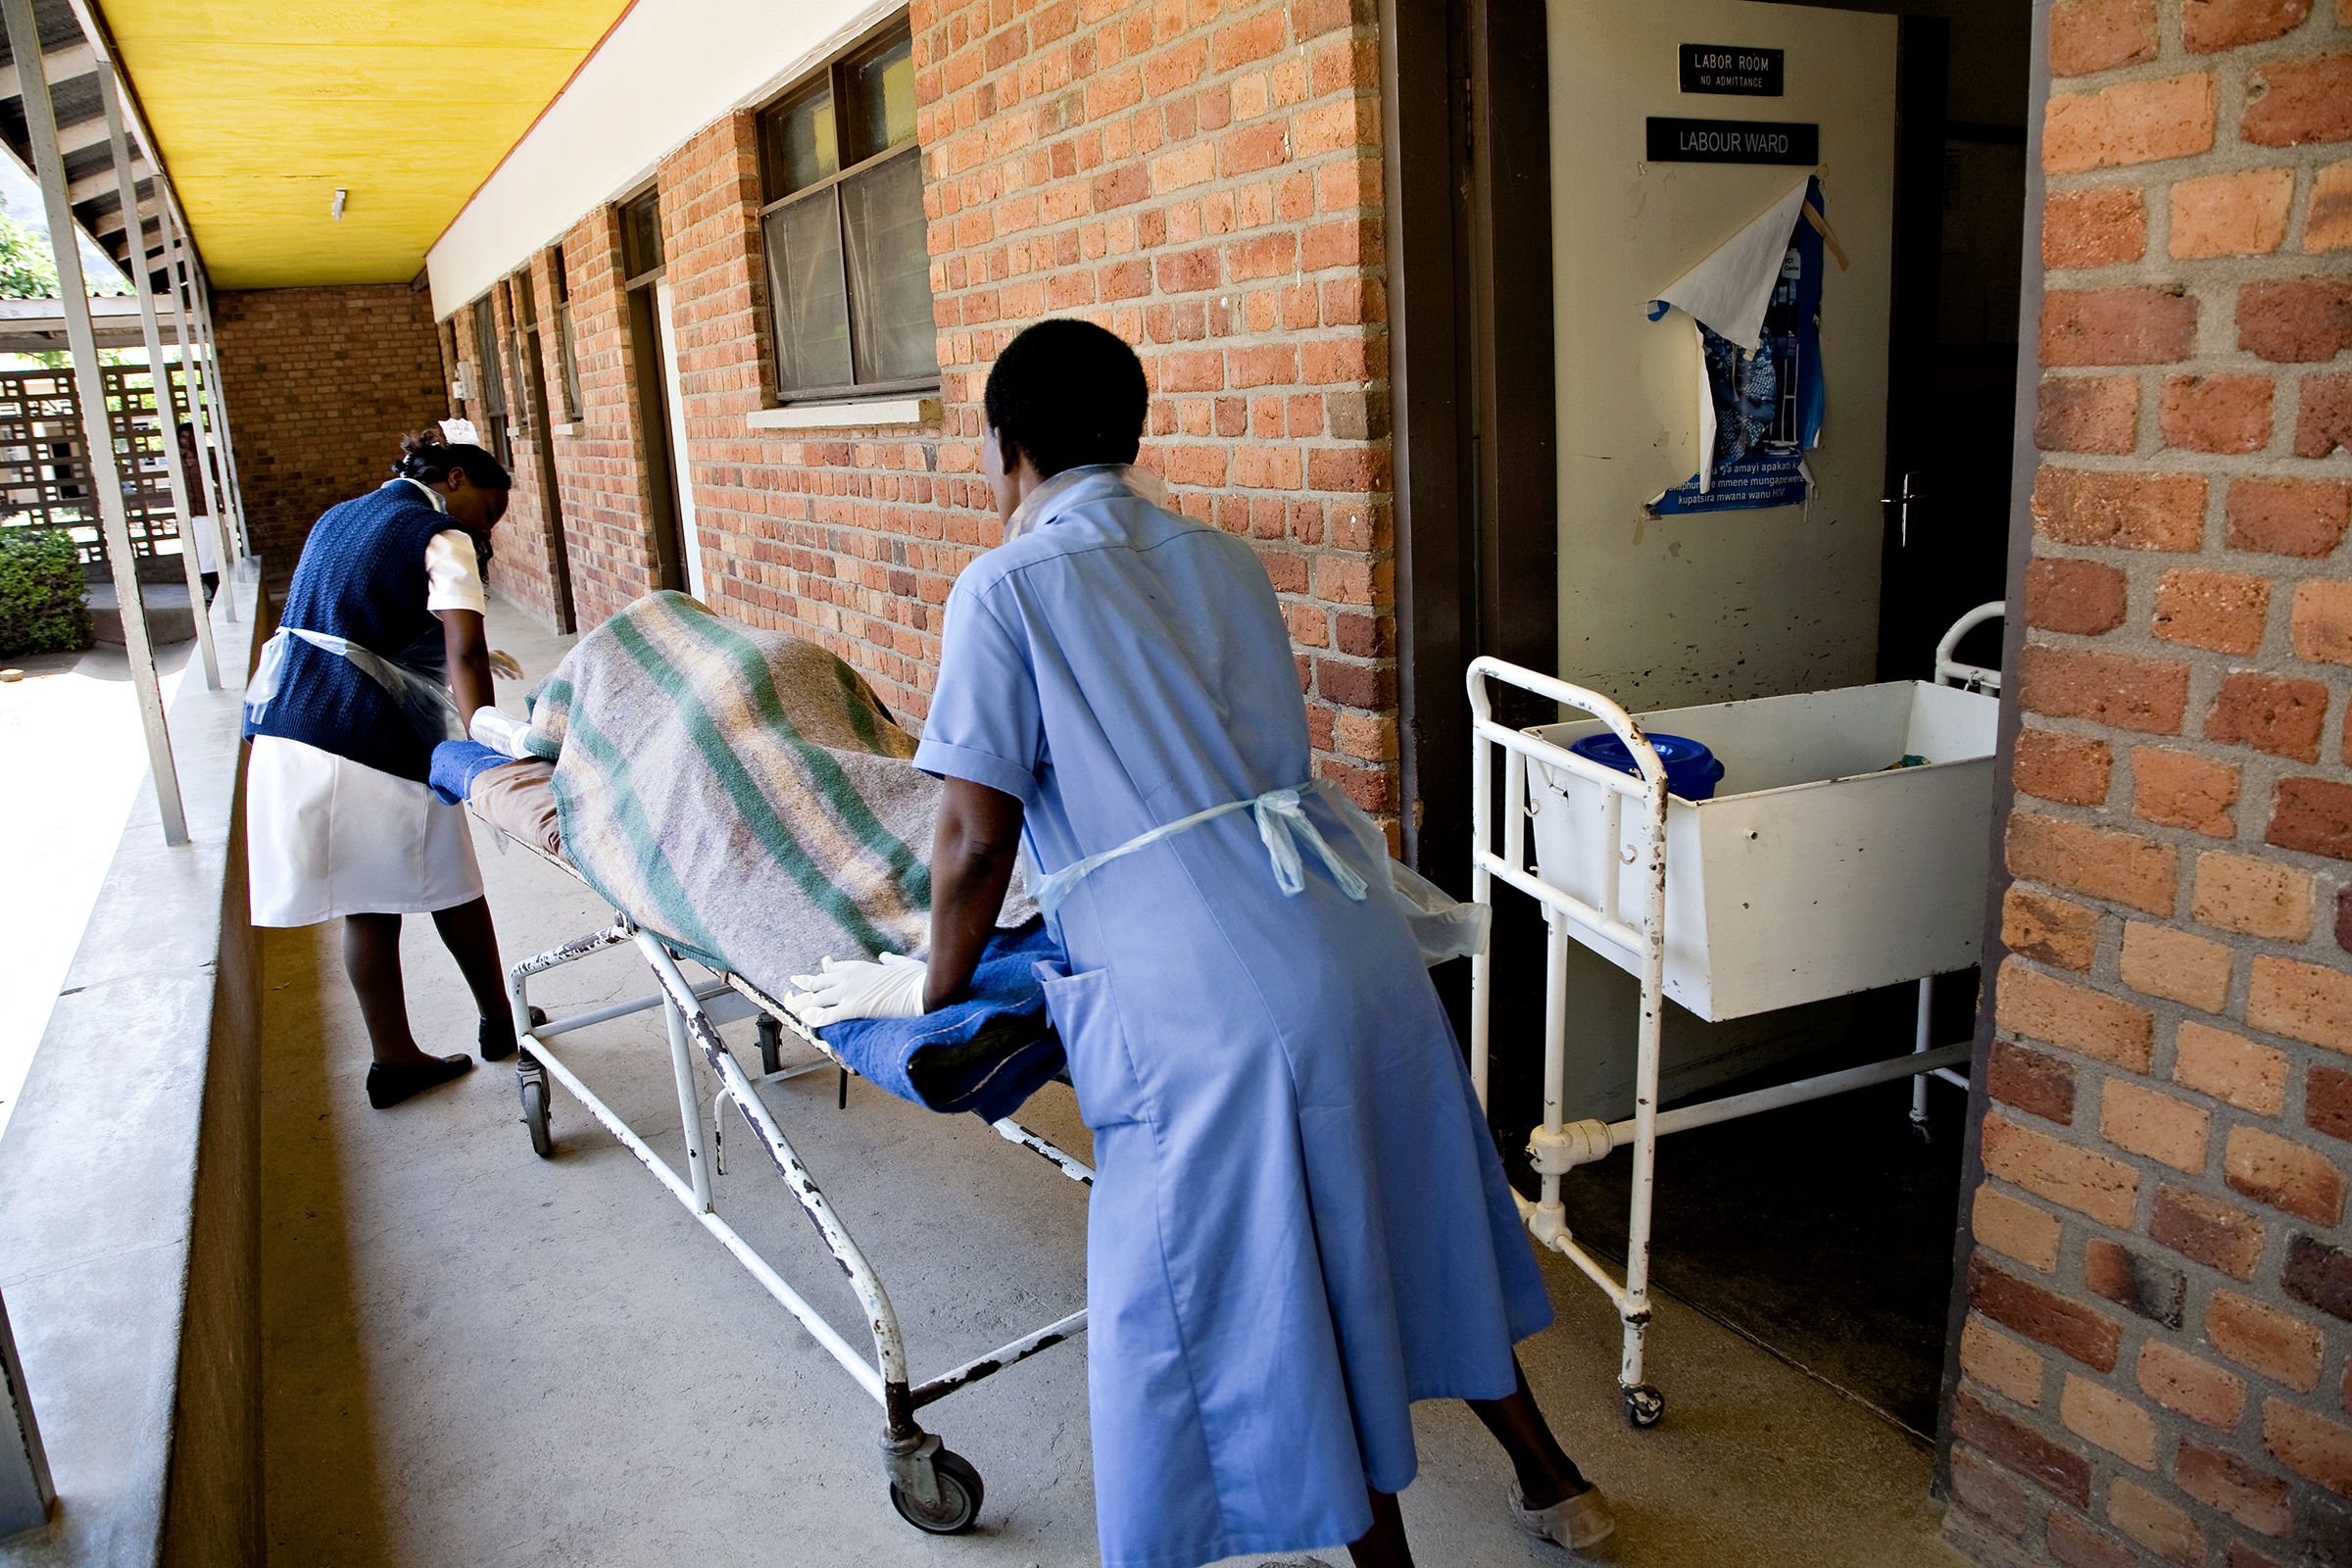 Ifølge Verdens helseorganisasjon opplever 15 prosent av alle gravide potensielt livstruende komplikasjoner. De fleste av mødredødsfallene kunne vært unngått dersom kvinnene hadde hatt tilgang til helsekontroller under svangerskapet, samt kvalifisert fødselshjelp og akutt legehjelp ved komplikasjoner.